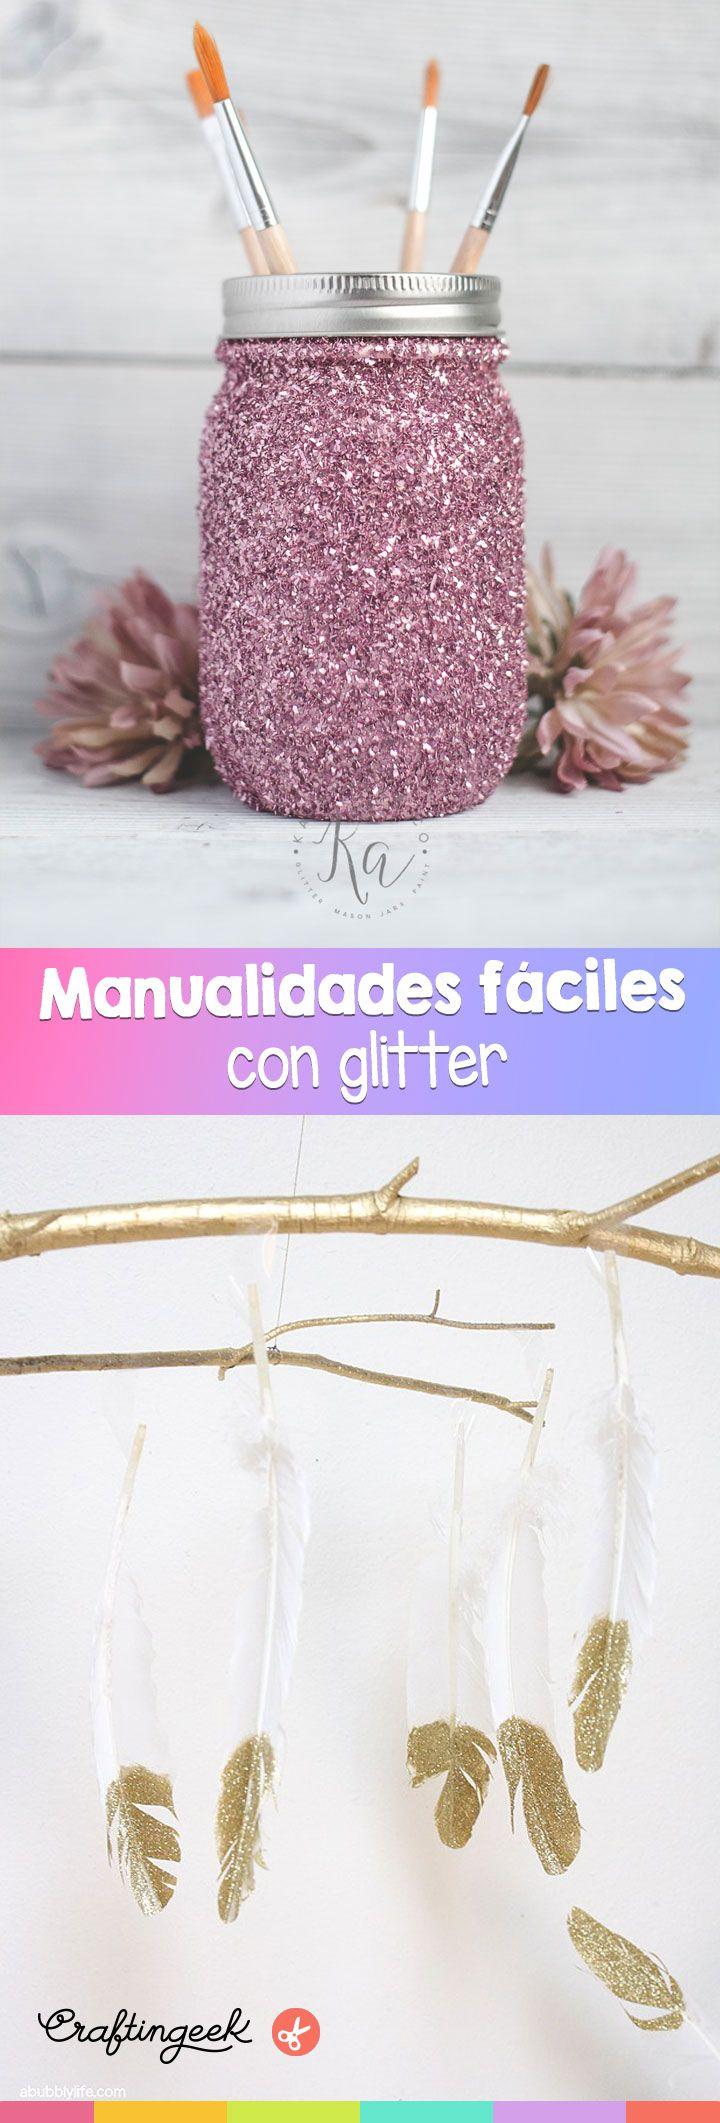 Manualidades fáciles que puedes decorar con glitter